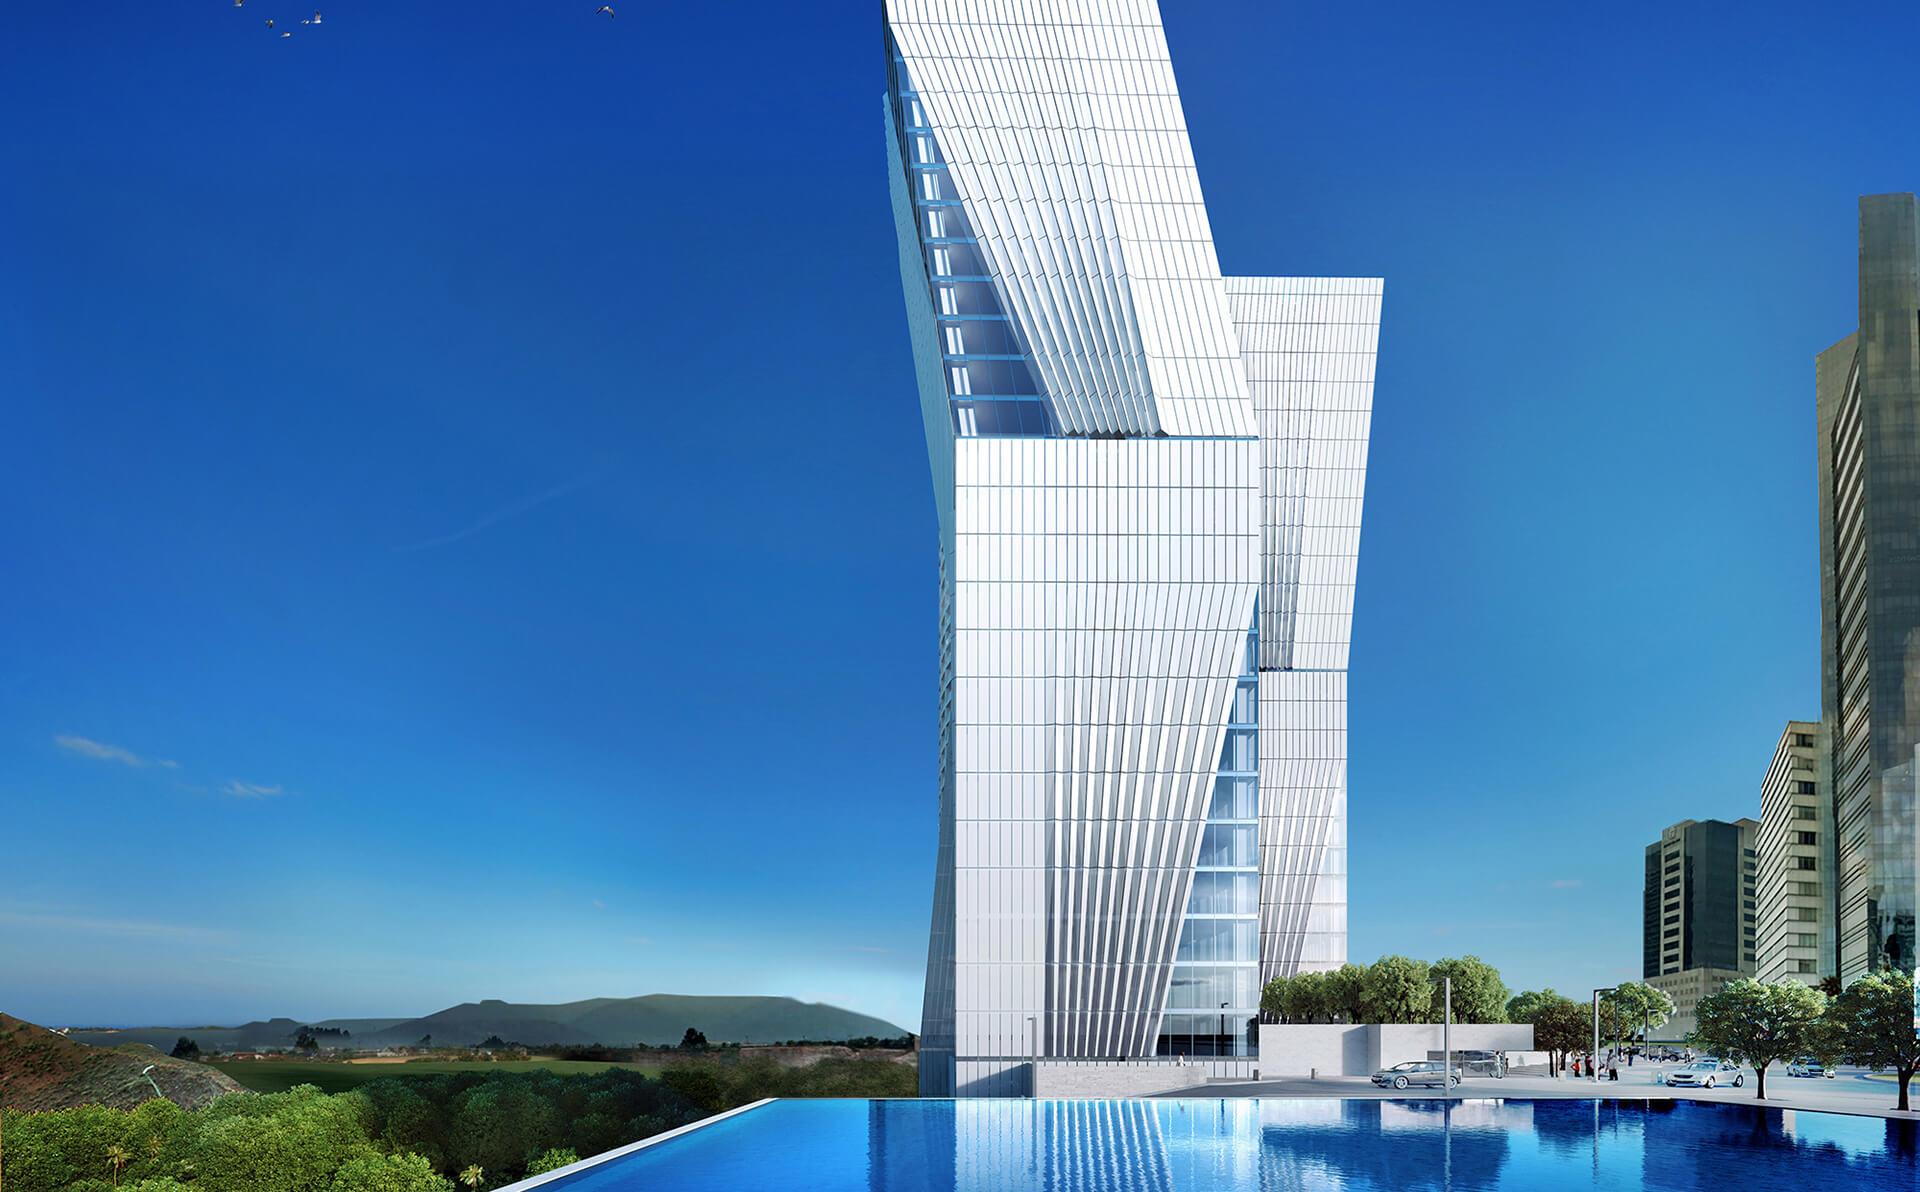 SANTA FE / PARADOX TOWER